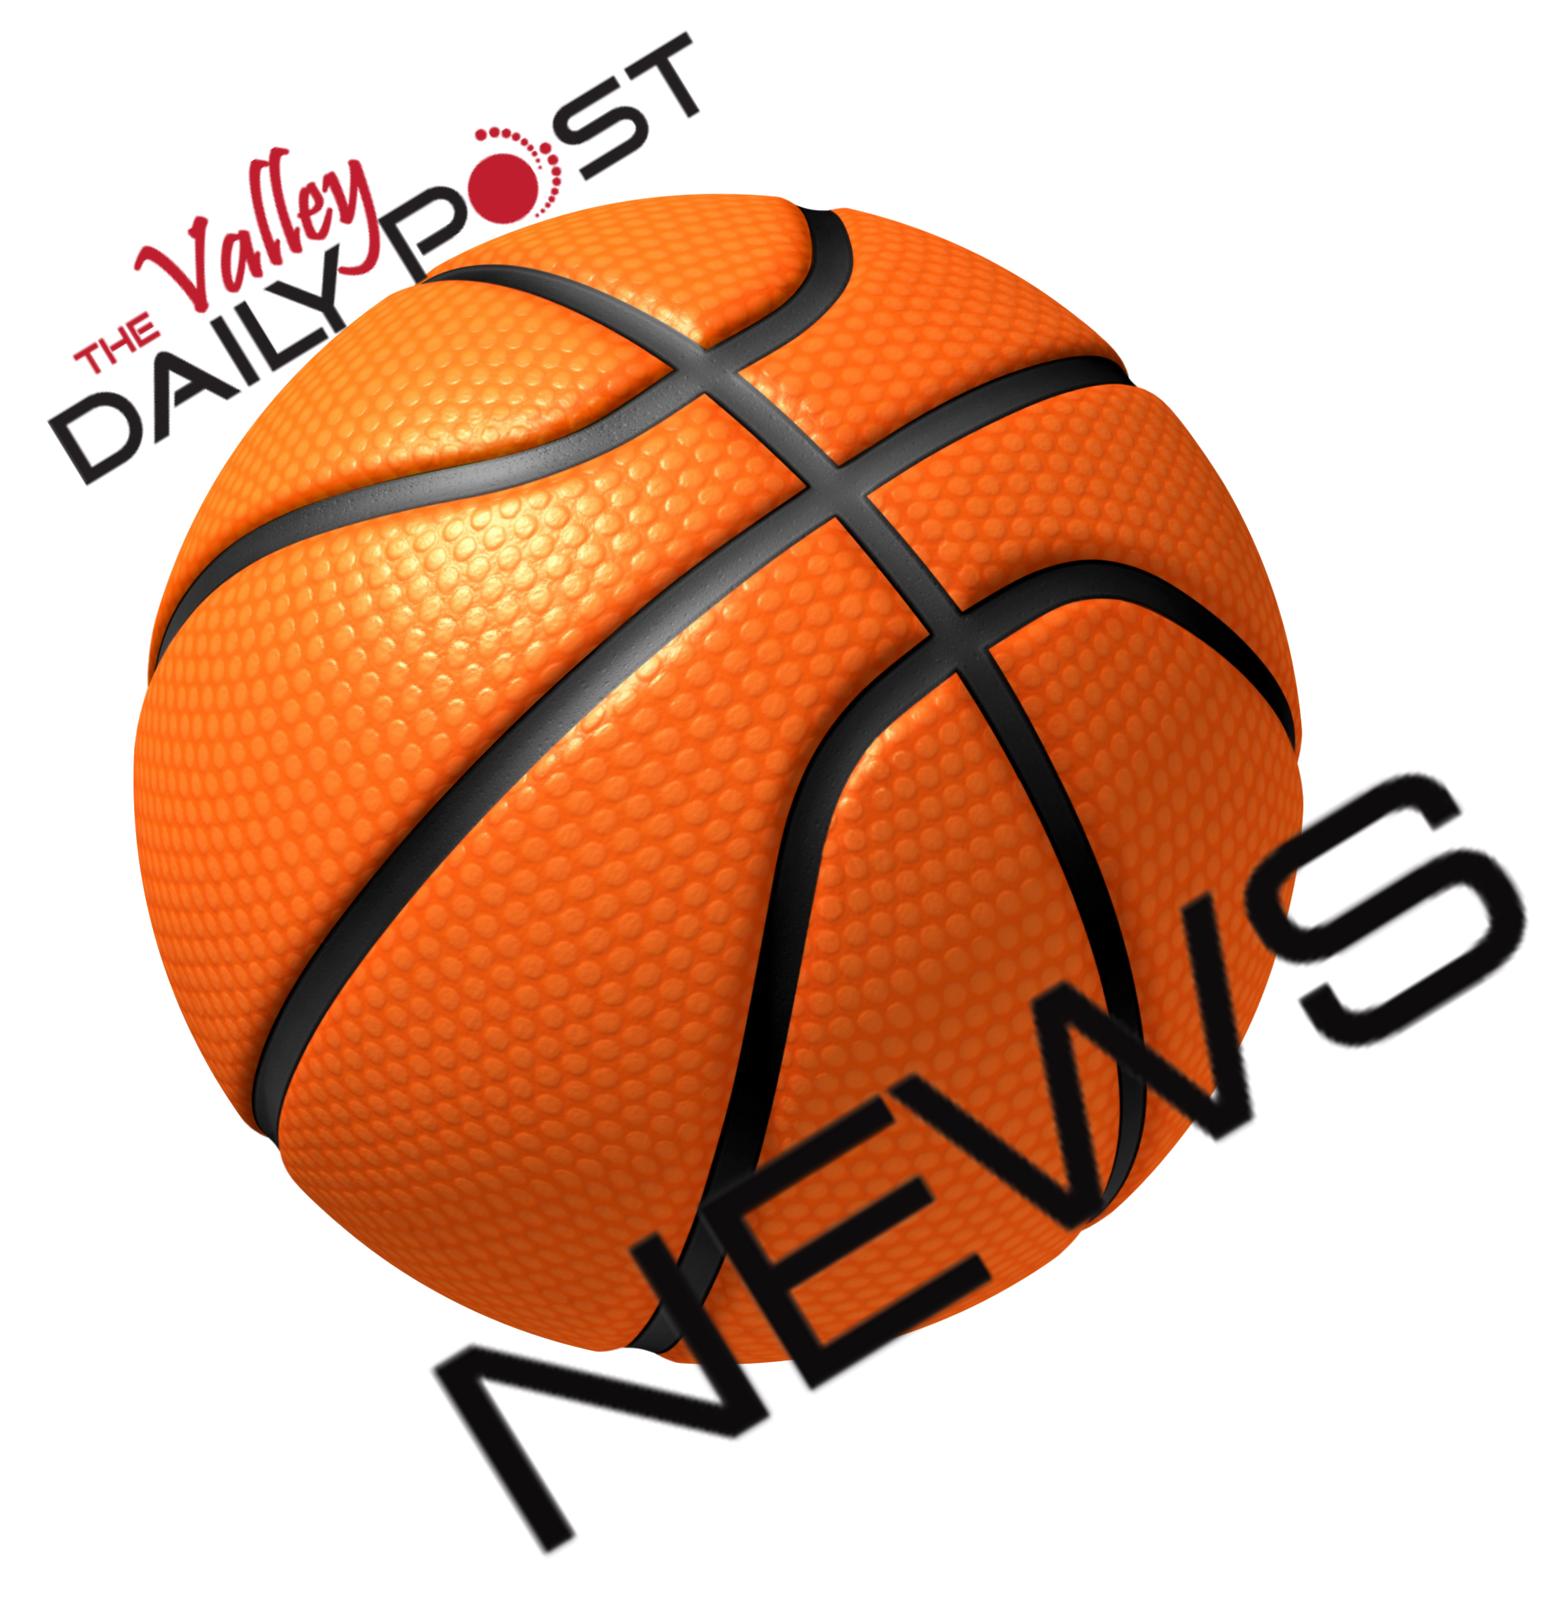 Ball clipart vally Team tall Espanola Colorado Basketball